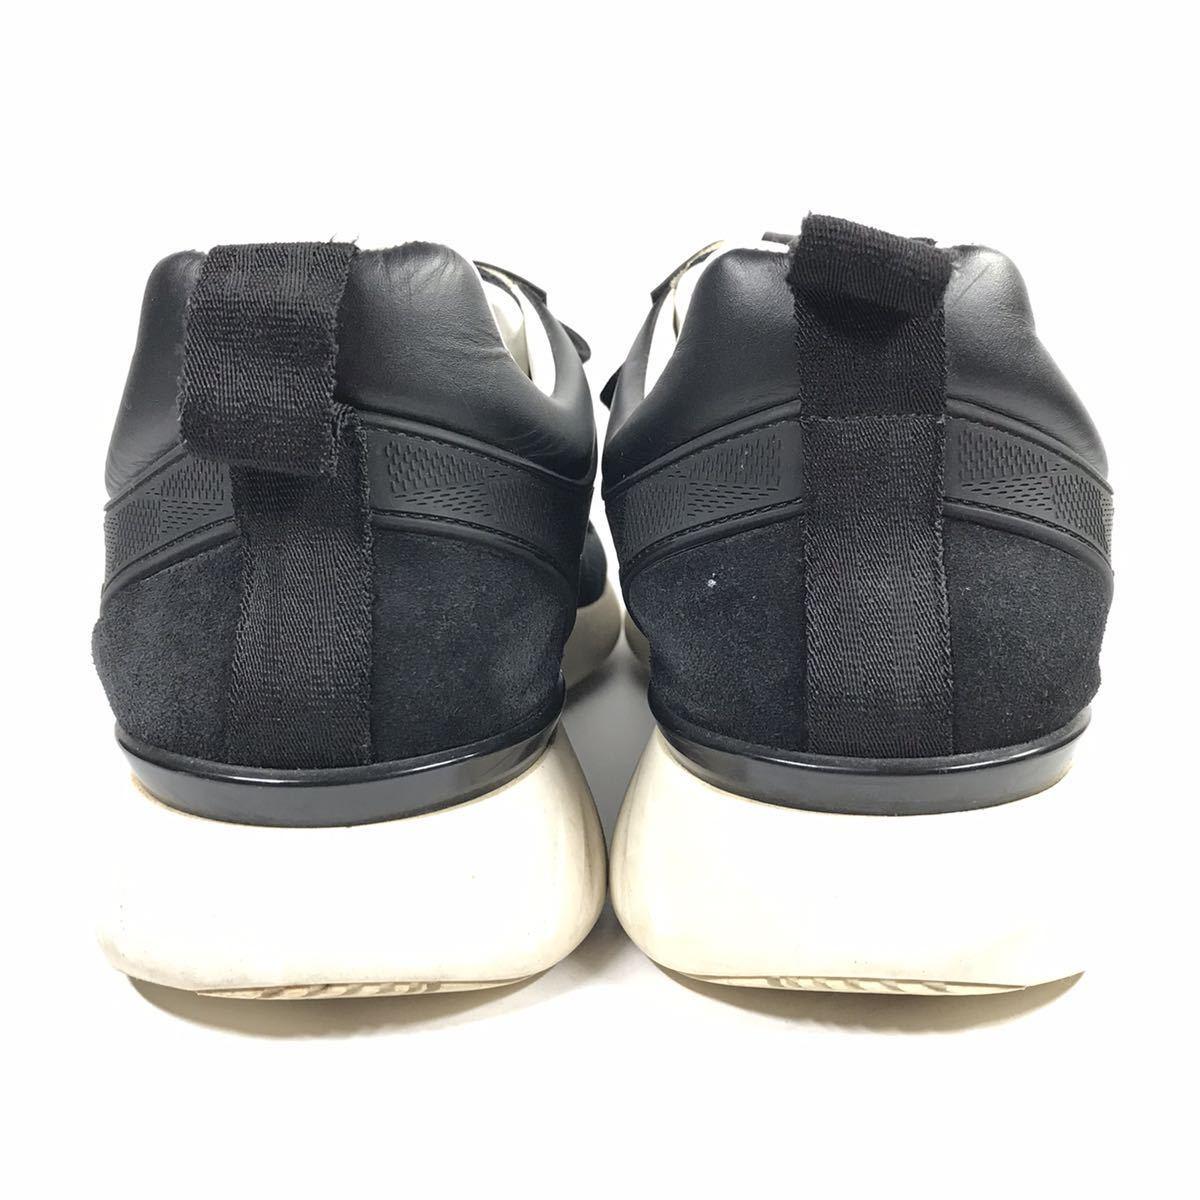 【ルイヴィトン】本物 LOUIS VUITTON 靴 25.5cm 黒 ダミエライン ファストレーン スニーカー カジュアルシューズ レザー×PVC メンズ 6 1/2_画像3